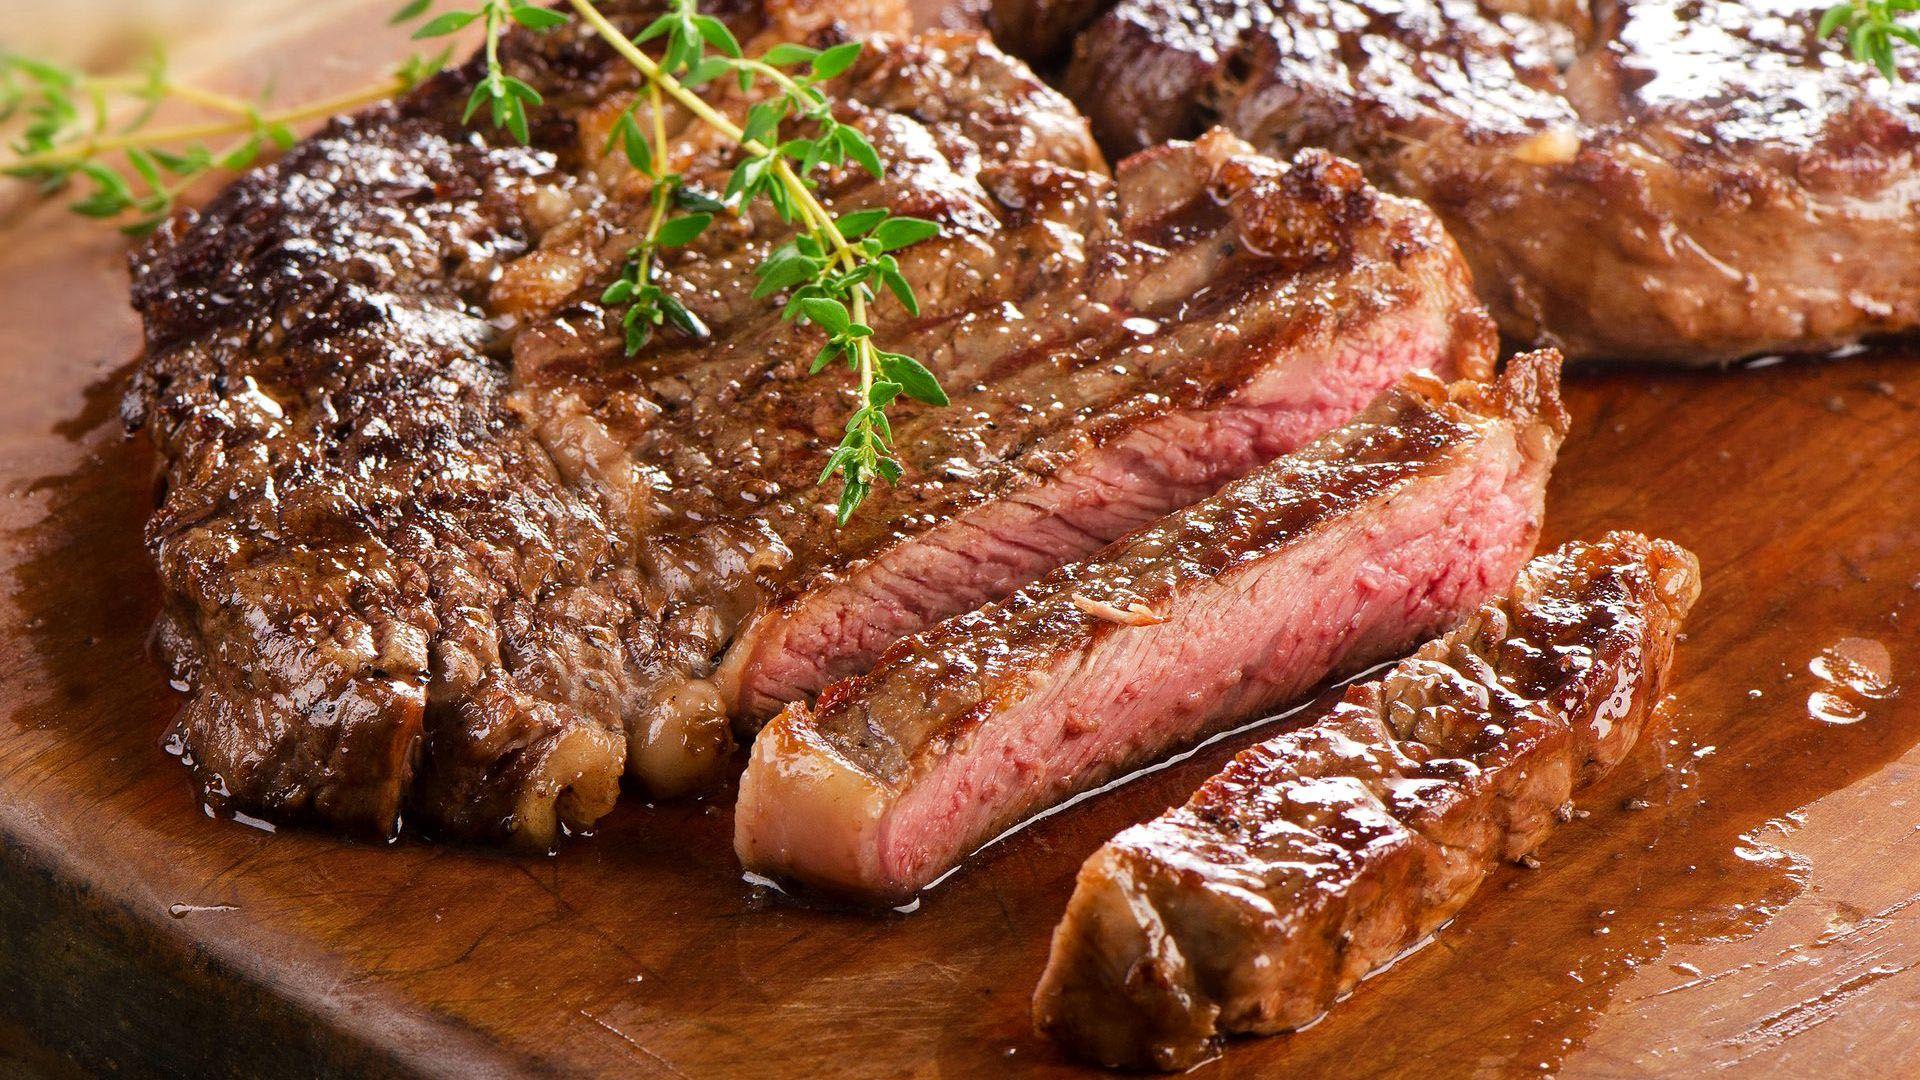 La ricetta del giorno che Live Sicilia ha scelto per voi è una ricetta tipica toscana: la bistecca fiorentina!